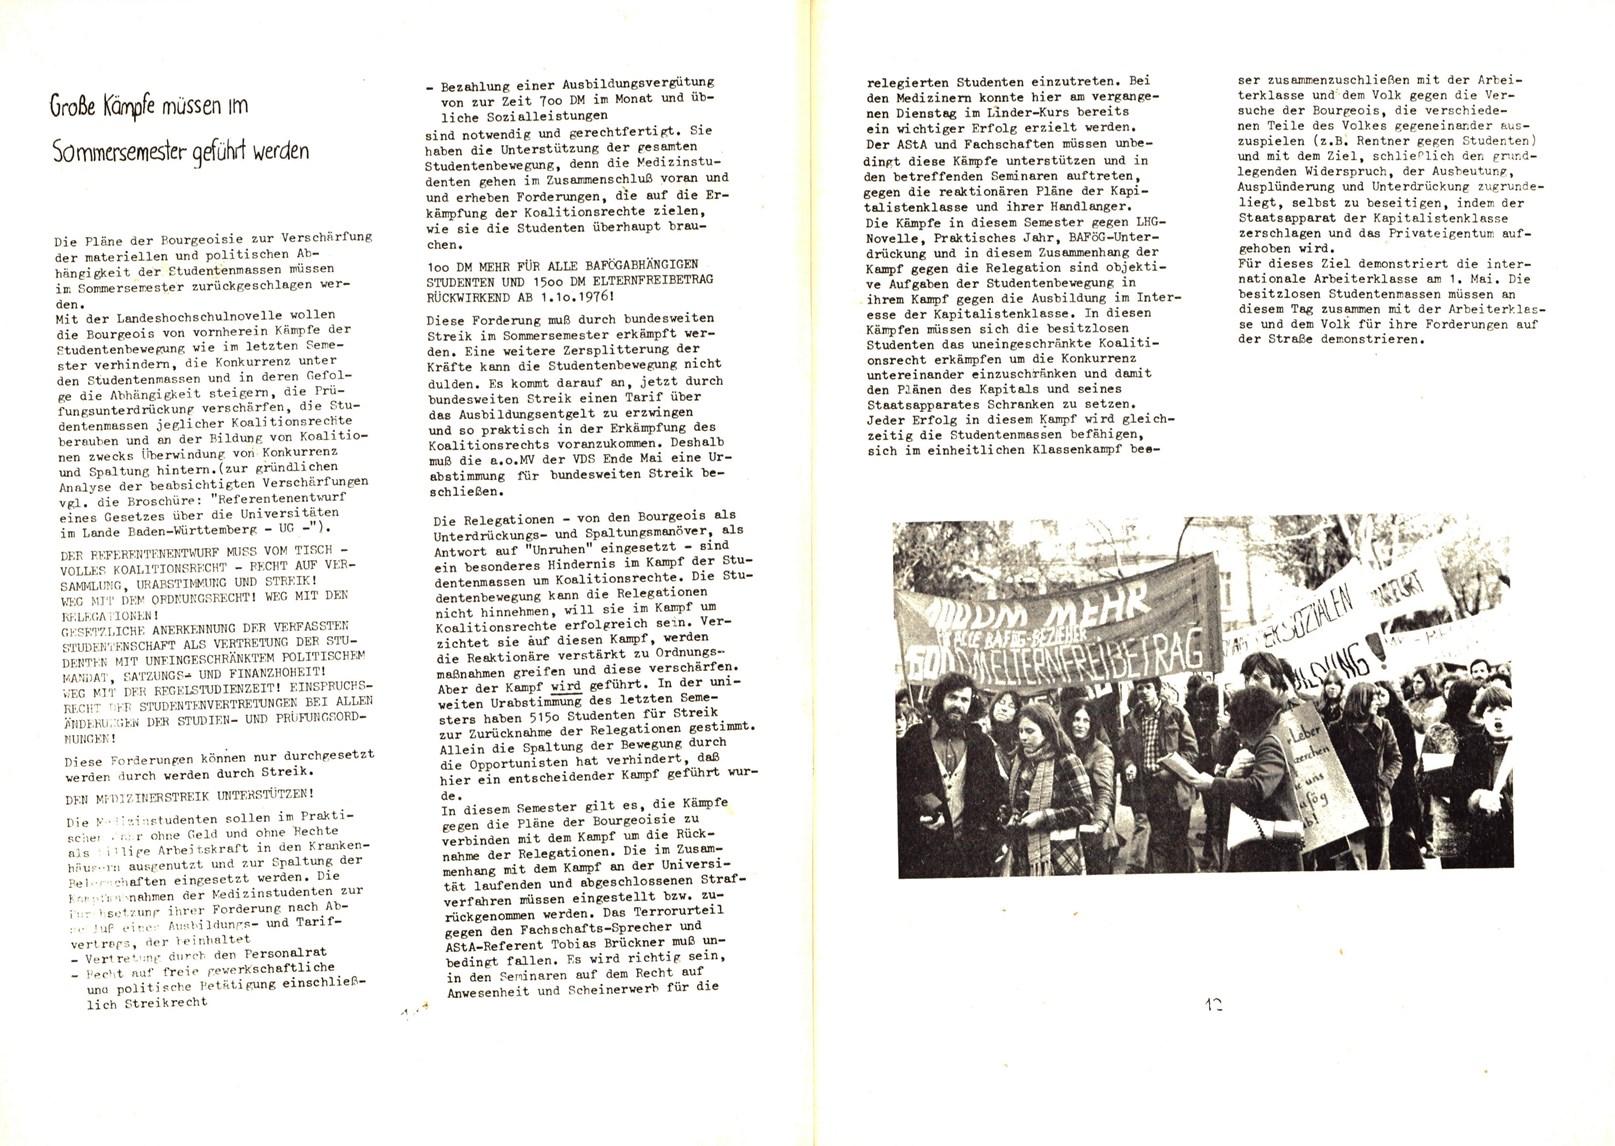 Heidelberg_KHG_1977_Chronik_WS_1976_77_07